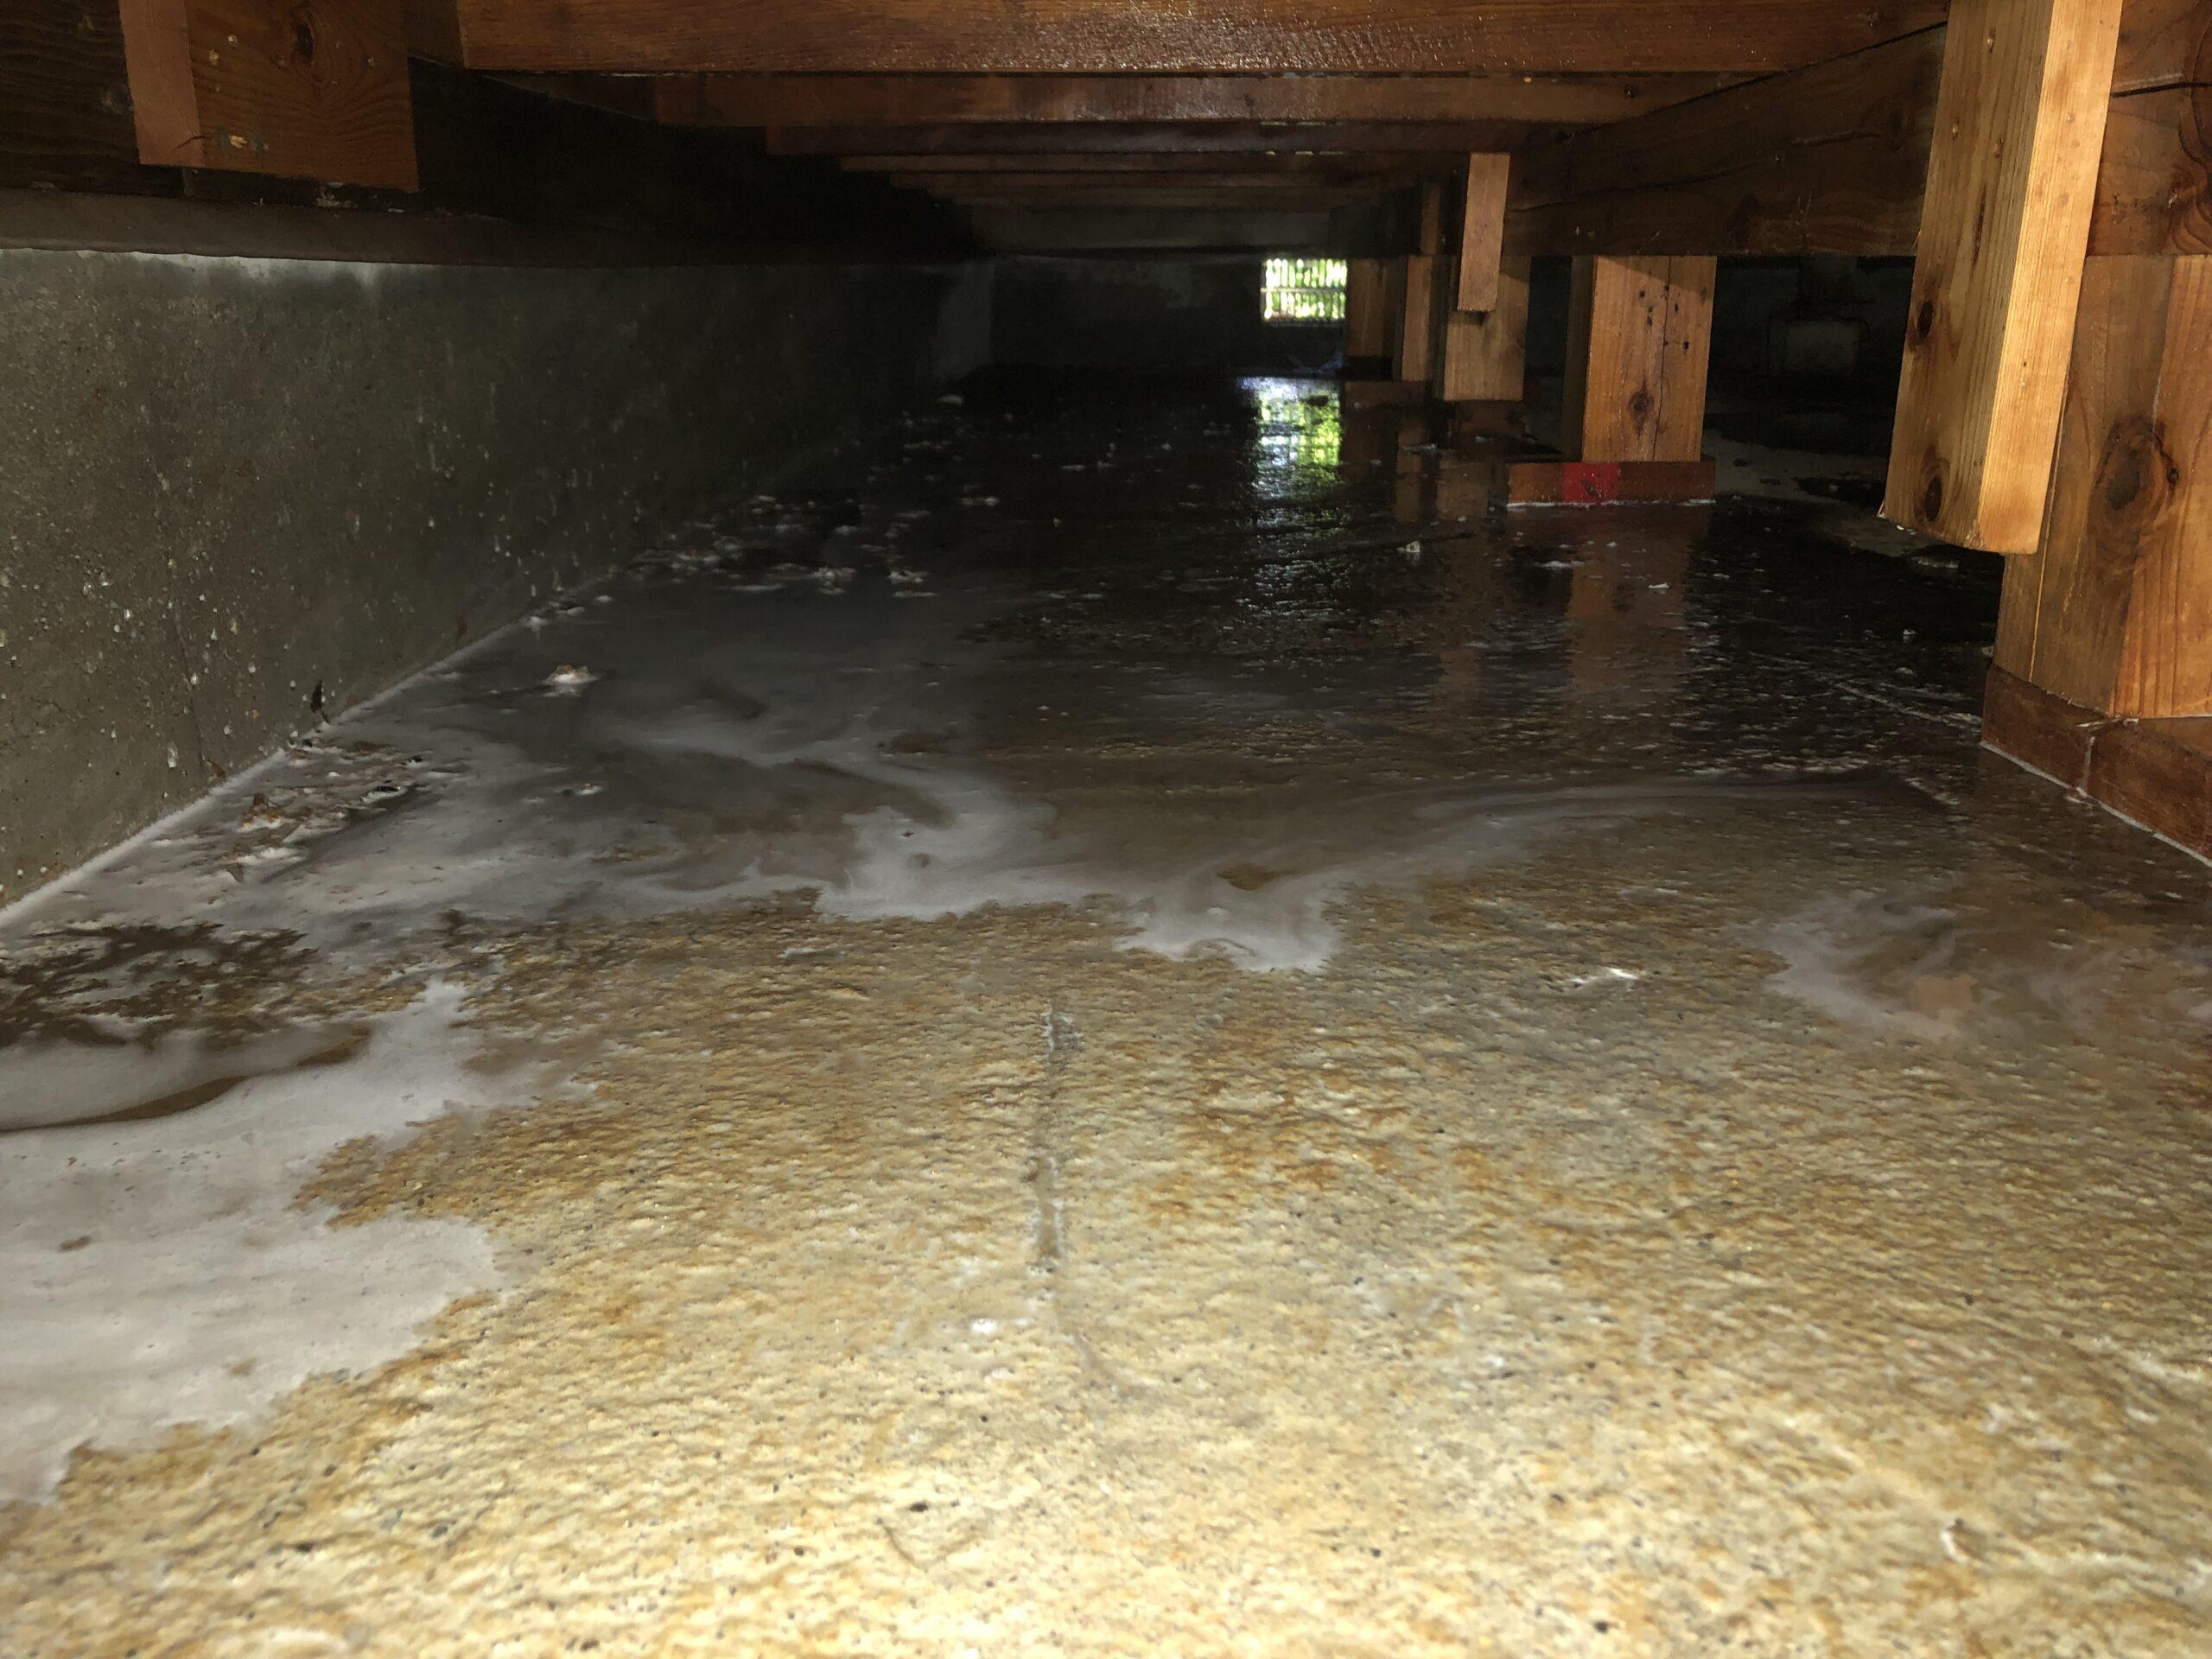 千葉県千葉市のS様のシロアリ防除・クロアリ駆除:施工後